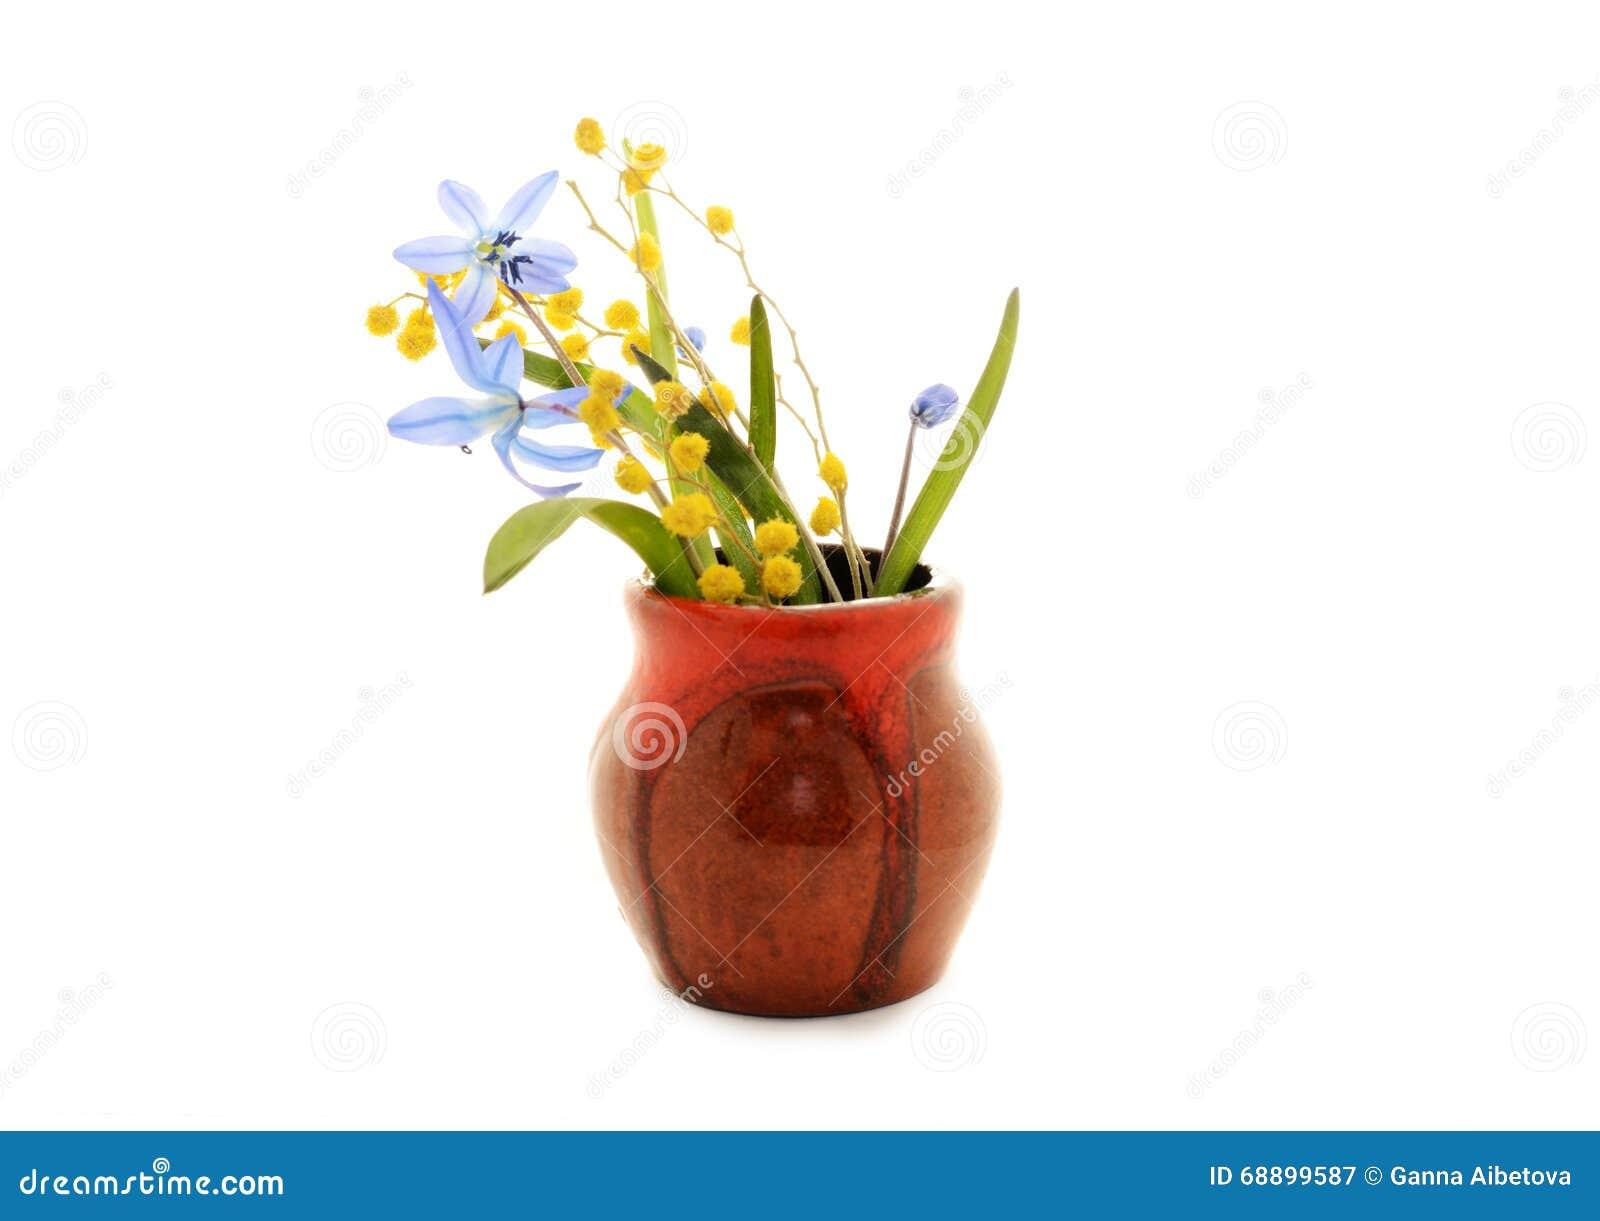 erste fr hlingsblumen blaue schneegl ckchen und mimose im topf stockfoto bild 68899587. Black Bedroom Furniture Sets. Home Design Ideas